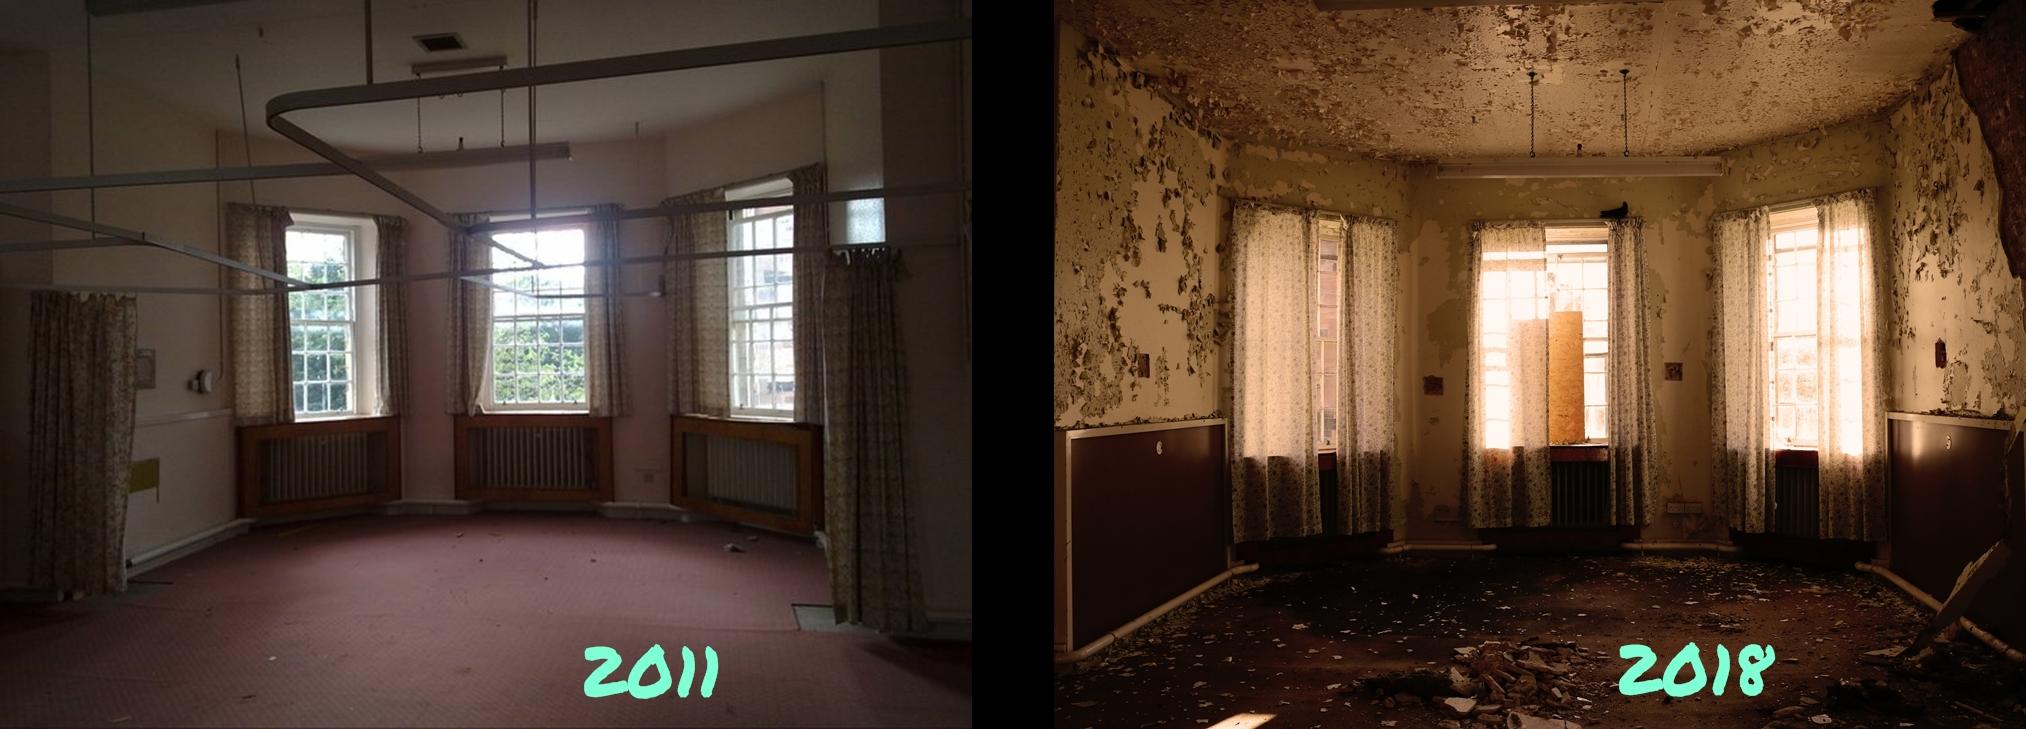 Bár a két kép között nem telt el sok idő - 7 év - a különbség elég látványos. A baloldali kép még a kórház bezárásának idején készült.